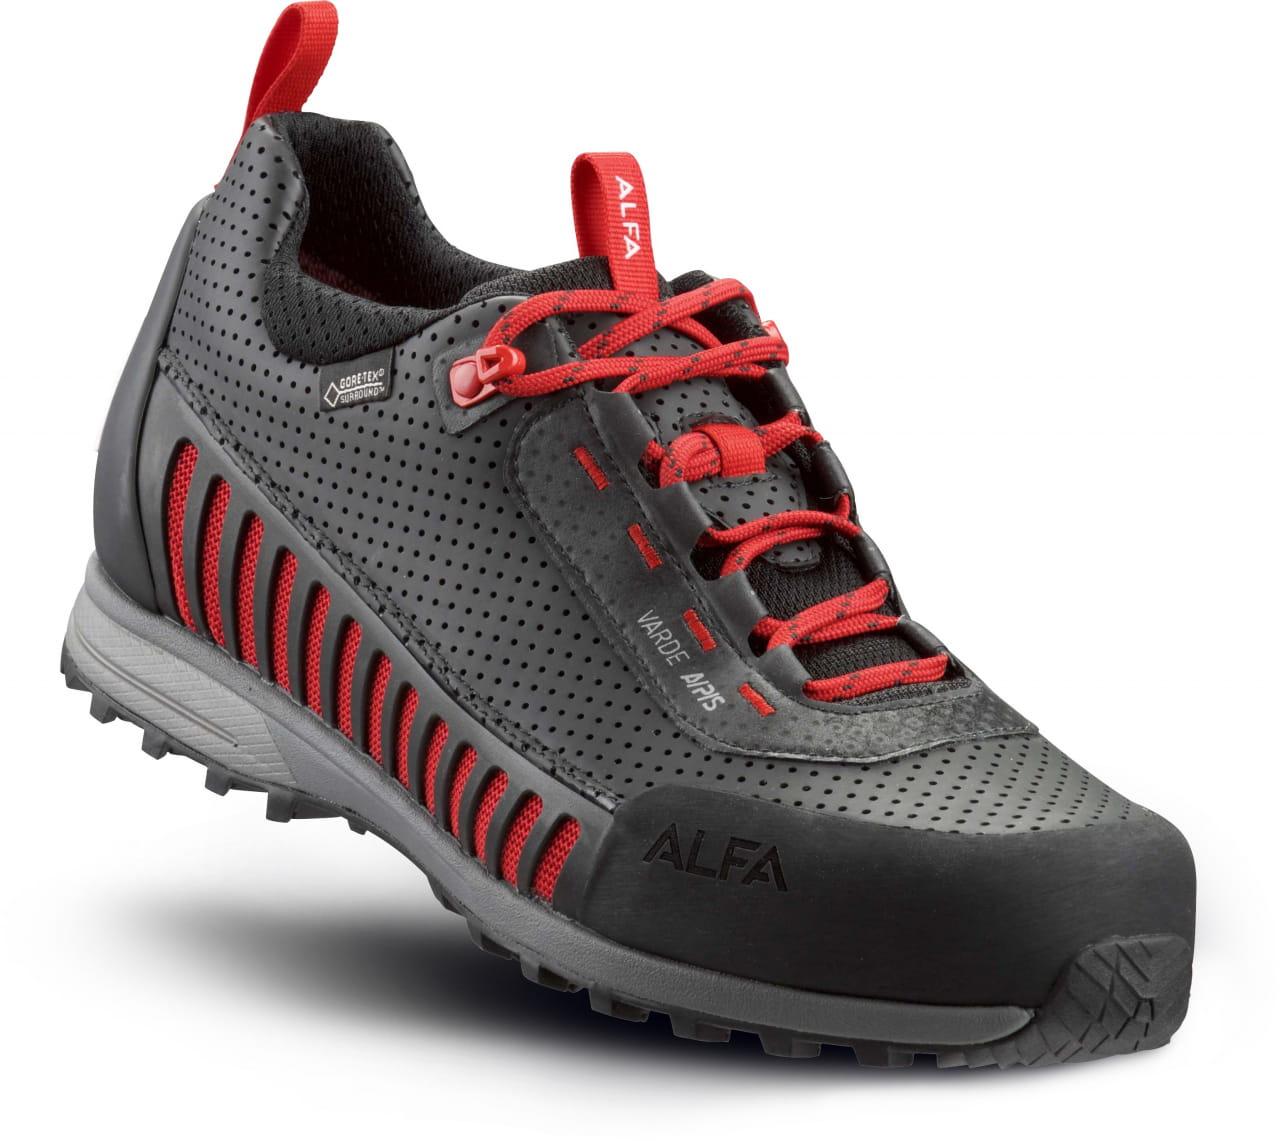 Pánska outdoorová obuv Alfa Varde A/P/S Gtx M